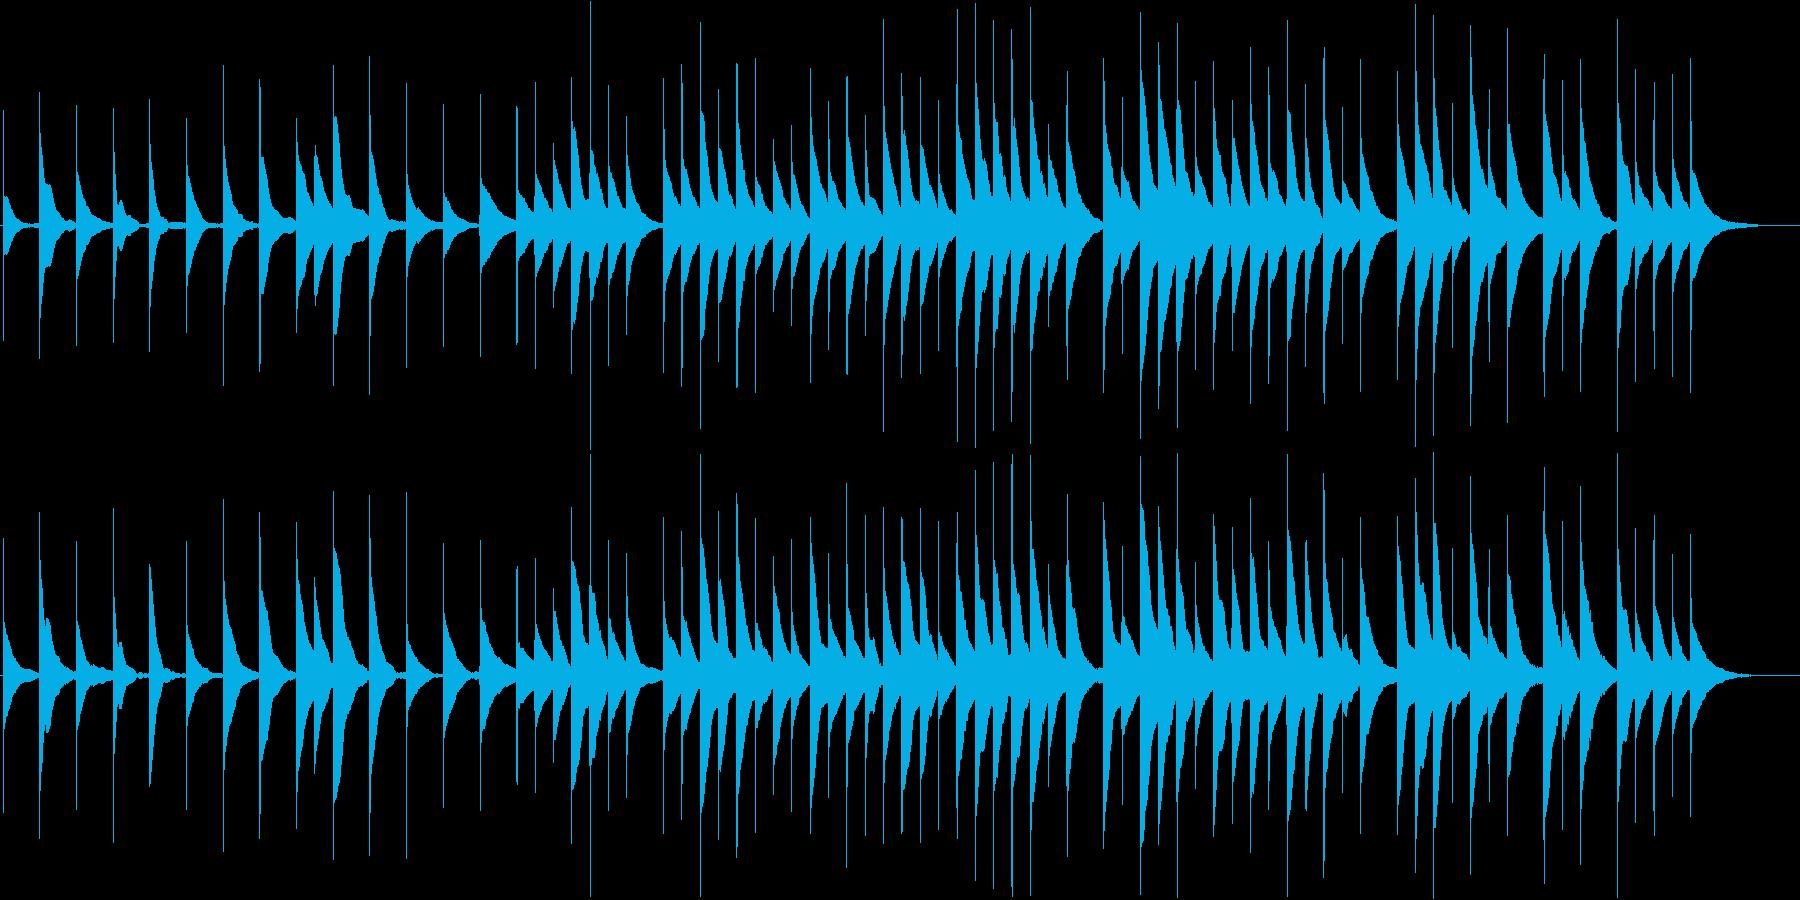 ゆったりとした優しいオルゴールBGMの再生済みの波形